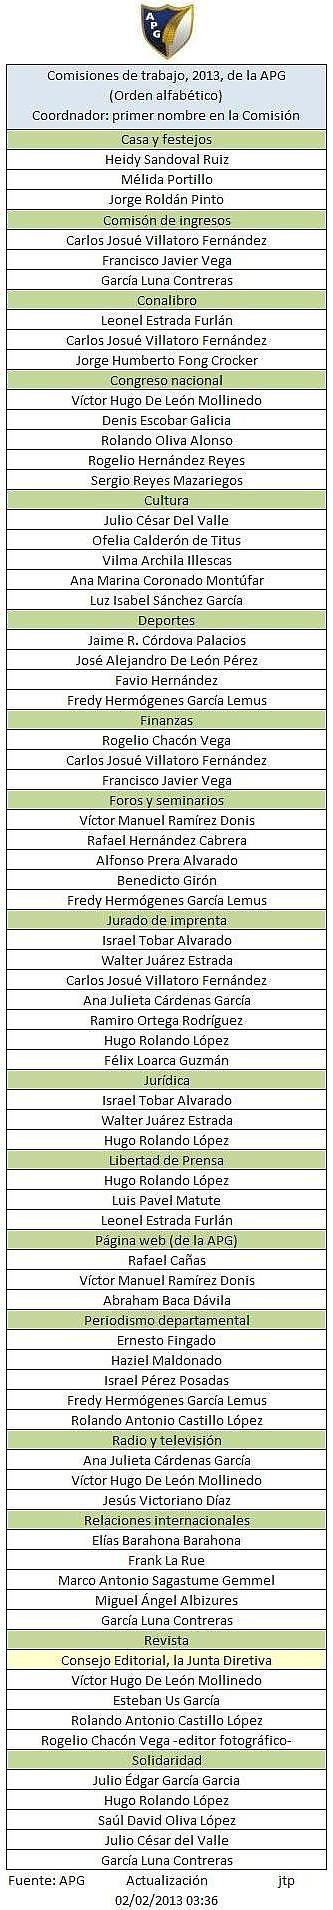 APG Comisiones de trabajo 2013.